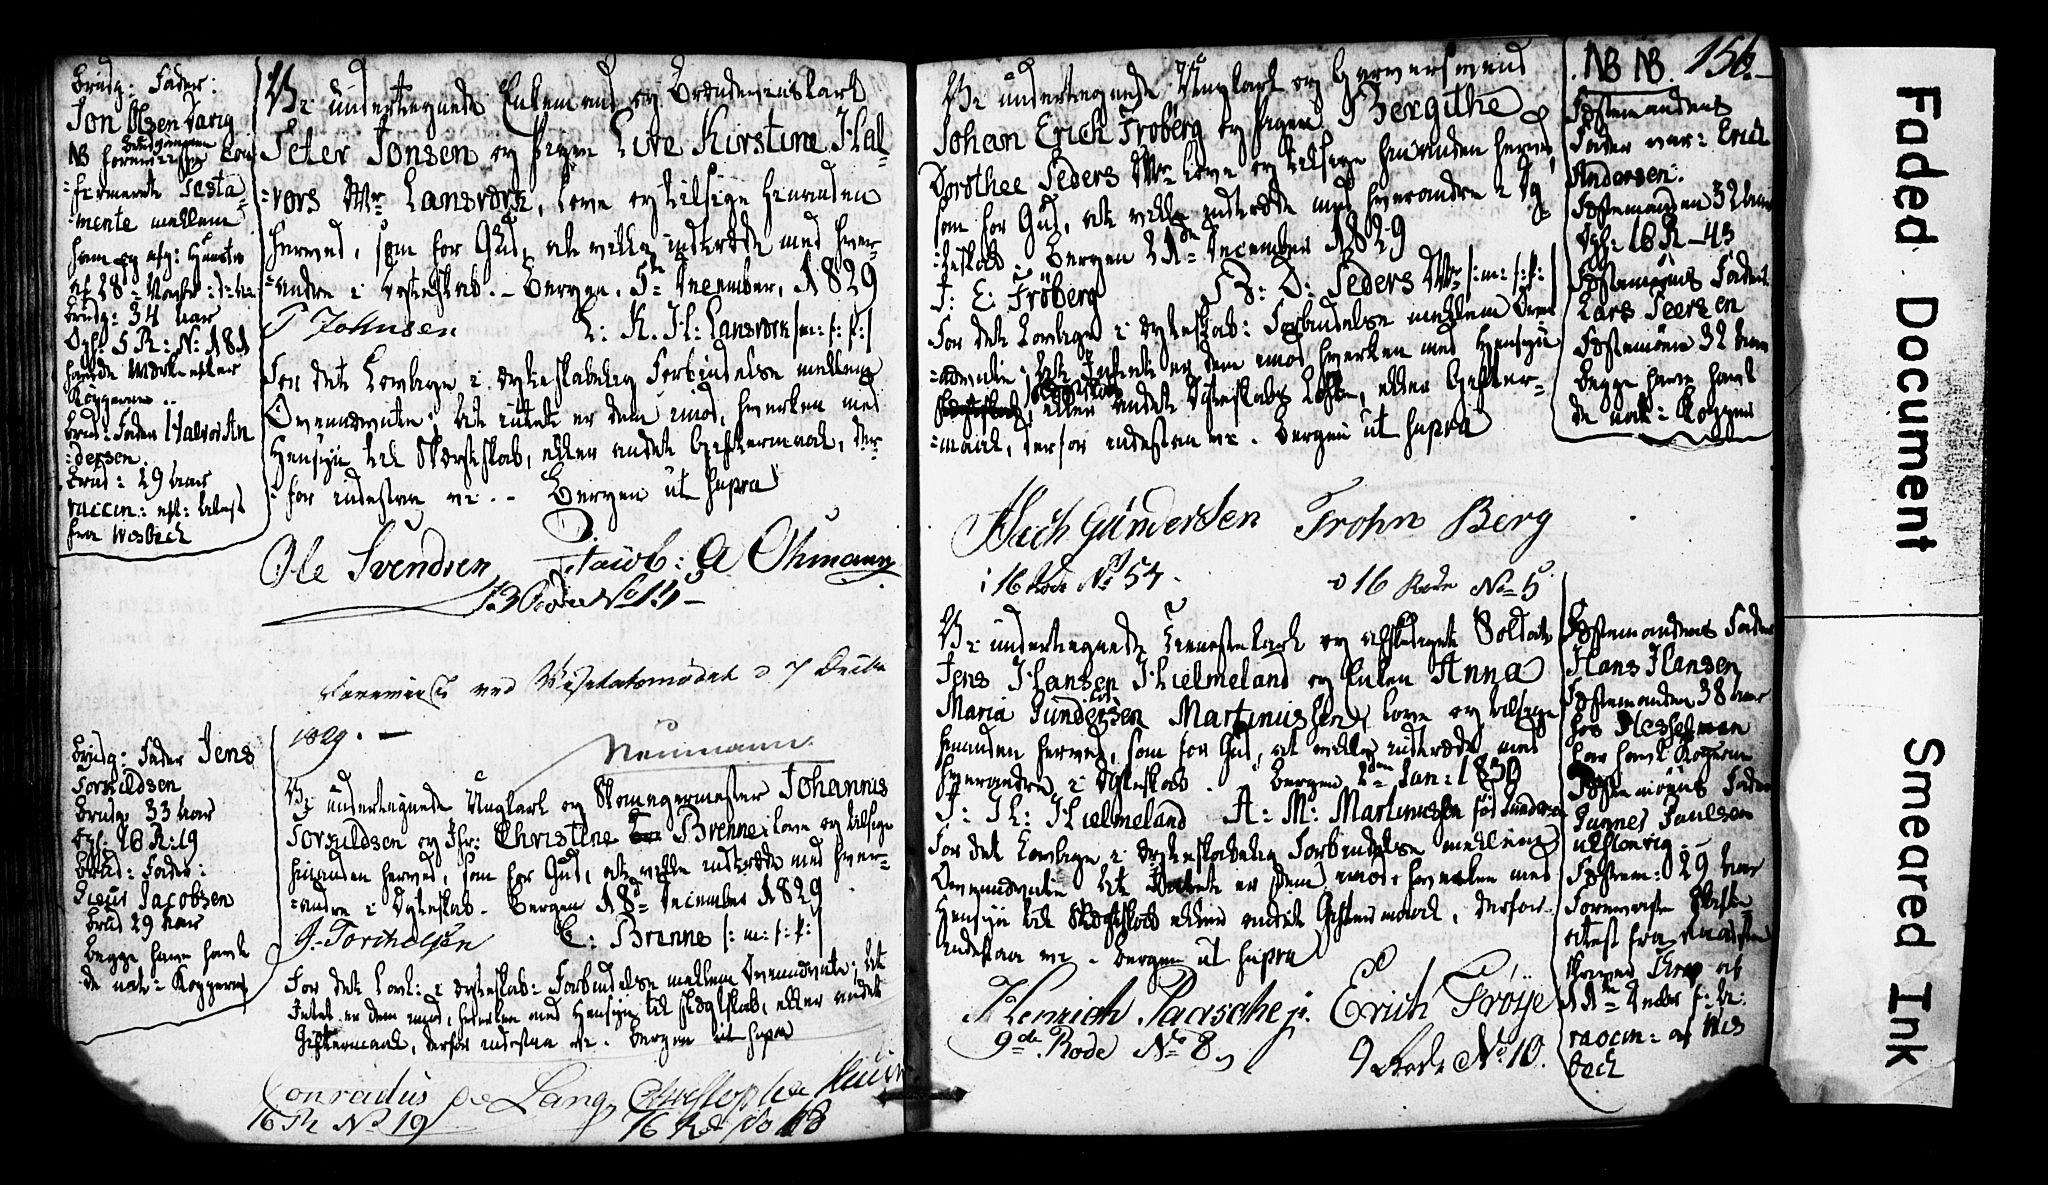 SAB, Domkirken Sokneprestembete, Forlovererklæringer nr. II.5.2, 1820-1832, s. 156